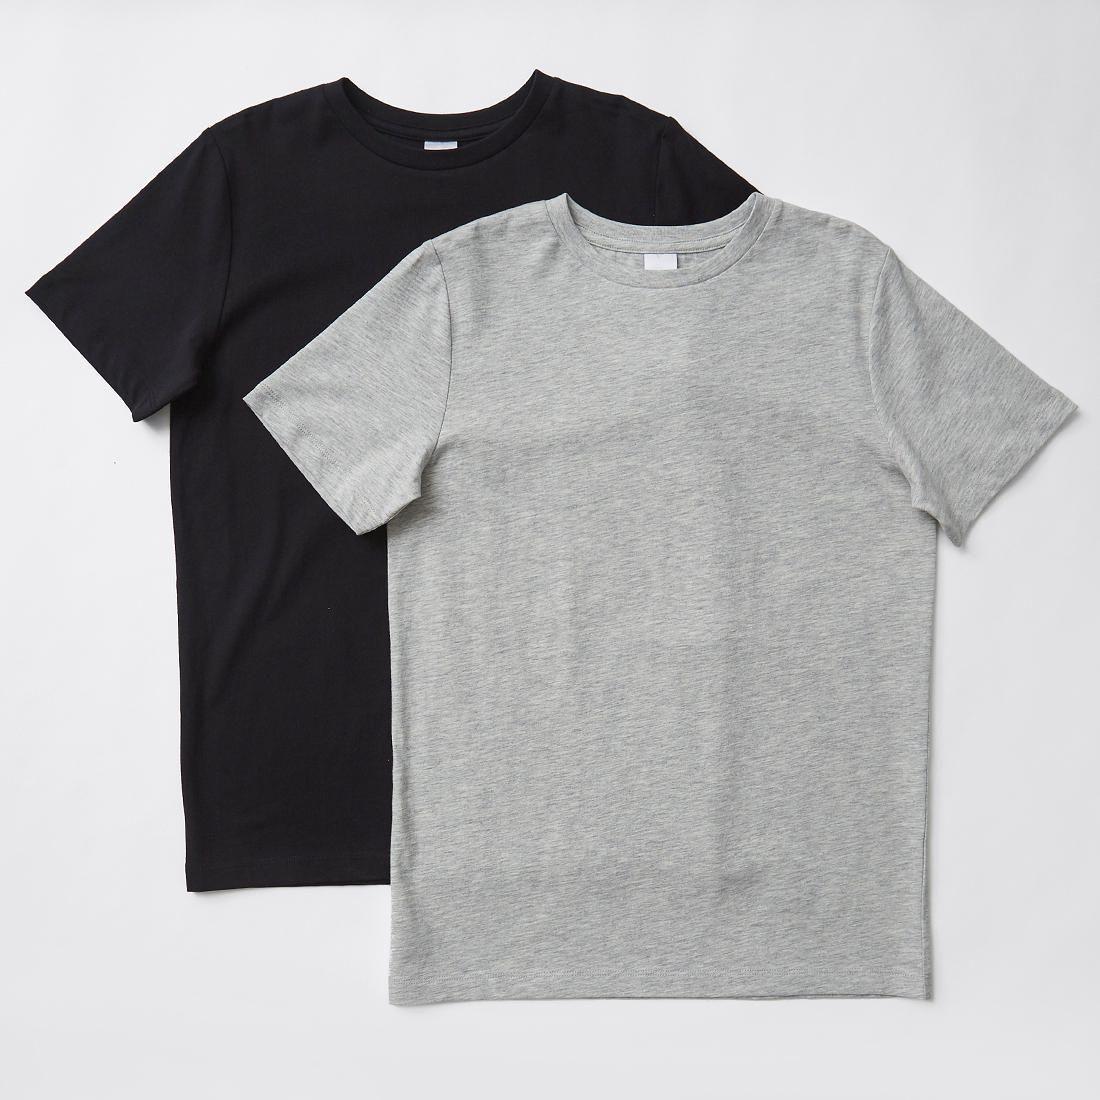 fd6dd6ad82 2 Pack Plain T-Shirts in 2019 | clothes | Shirts, T shirt, Plain tees